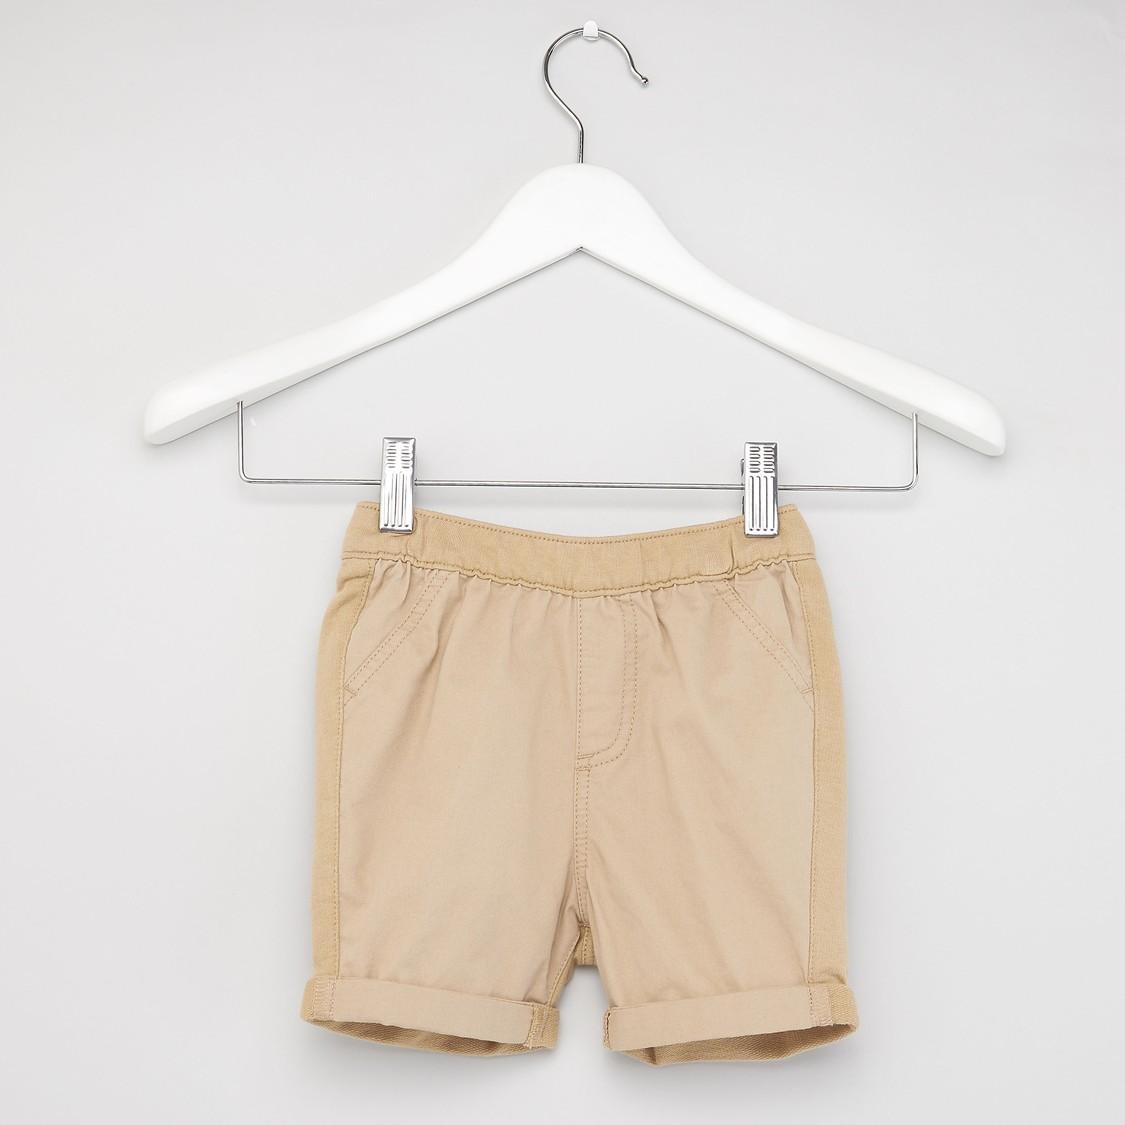 طقم شورت بارز الملمس وقميص بأكمام قصيرة وطبعات